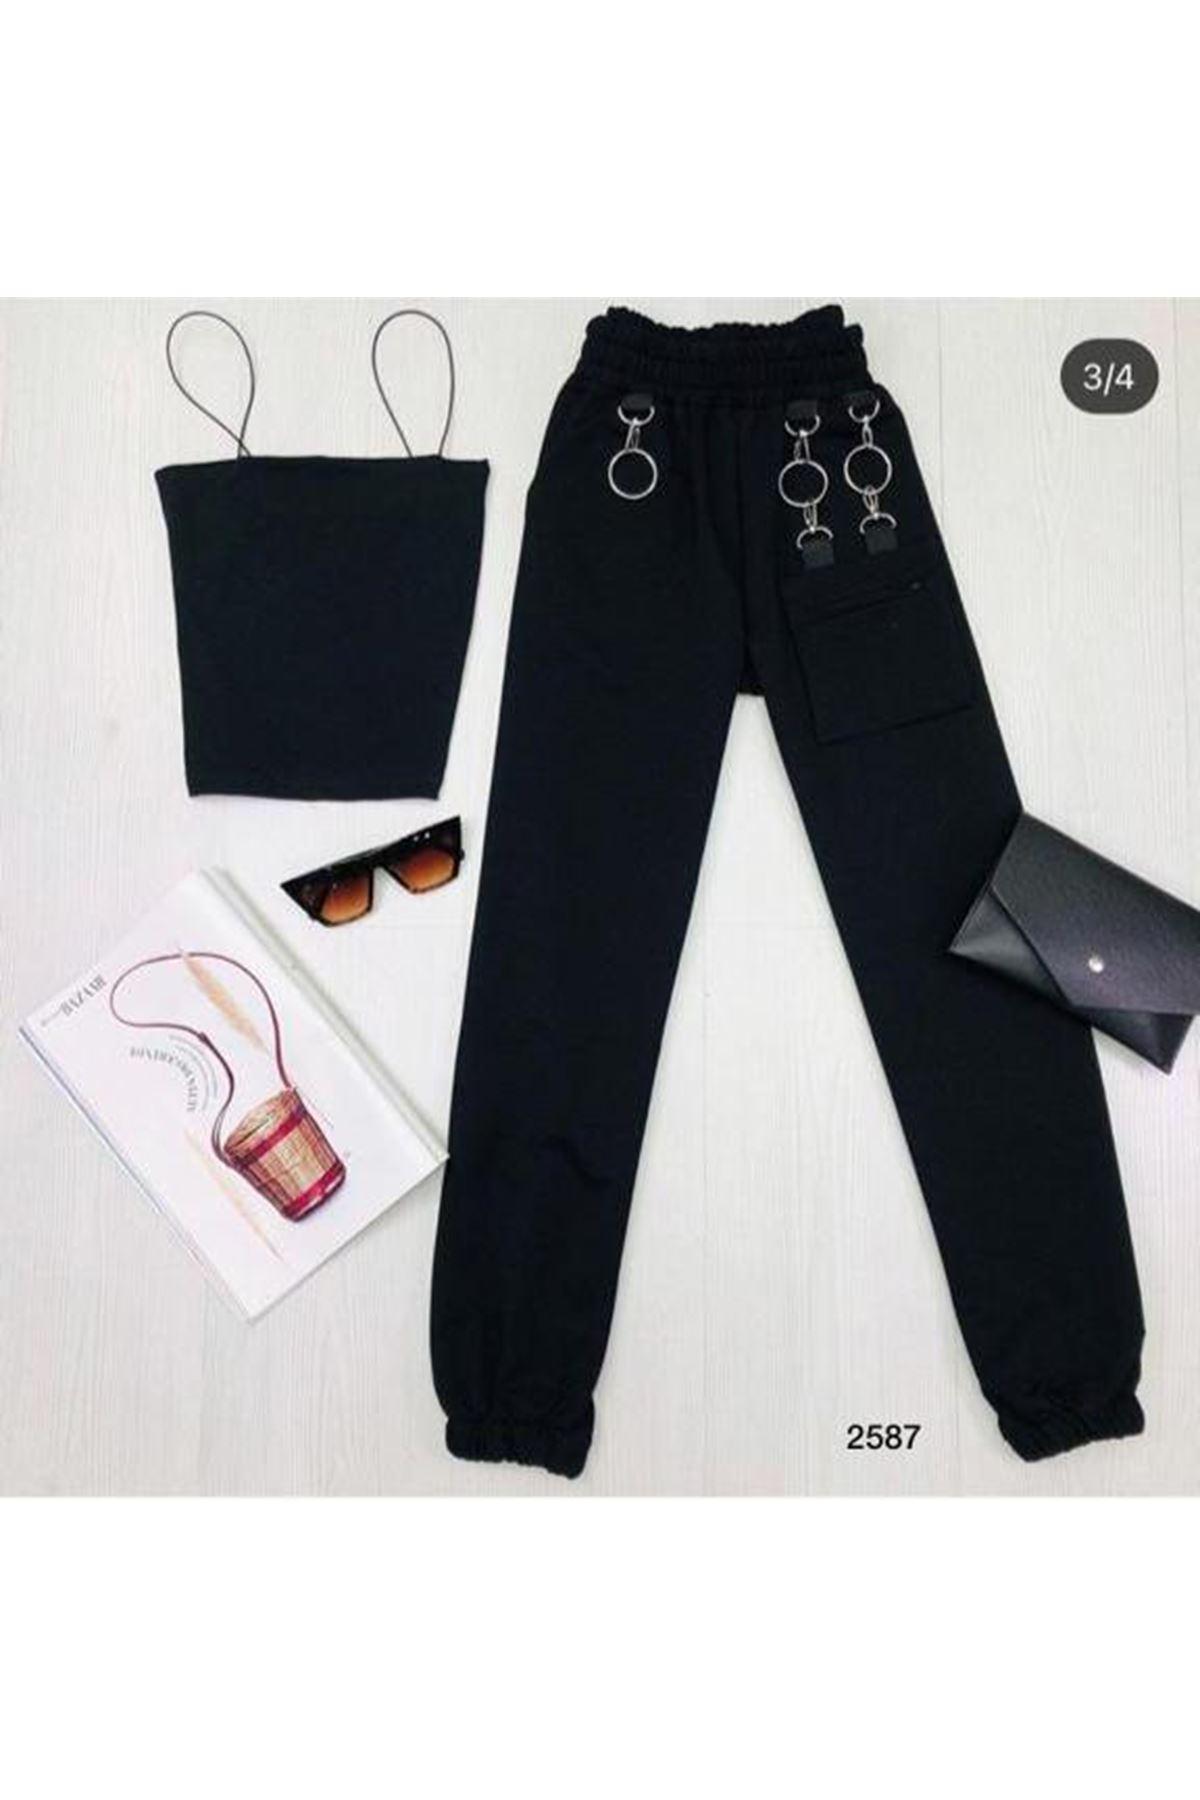 Çanta Aksesuarlı Eşofman Altı - siyah